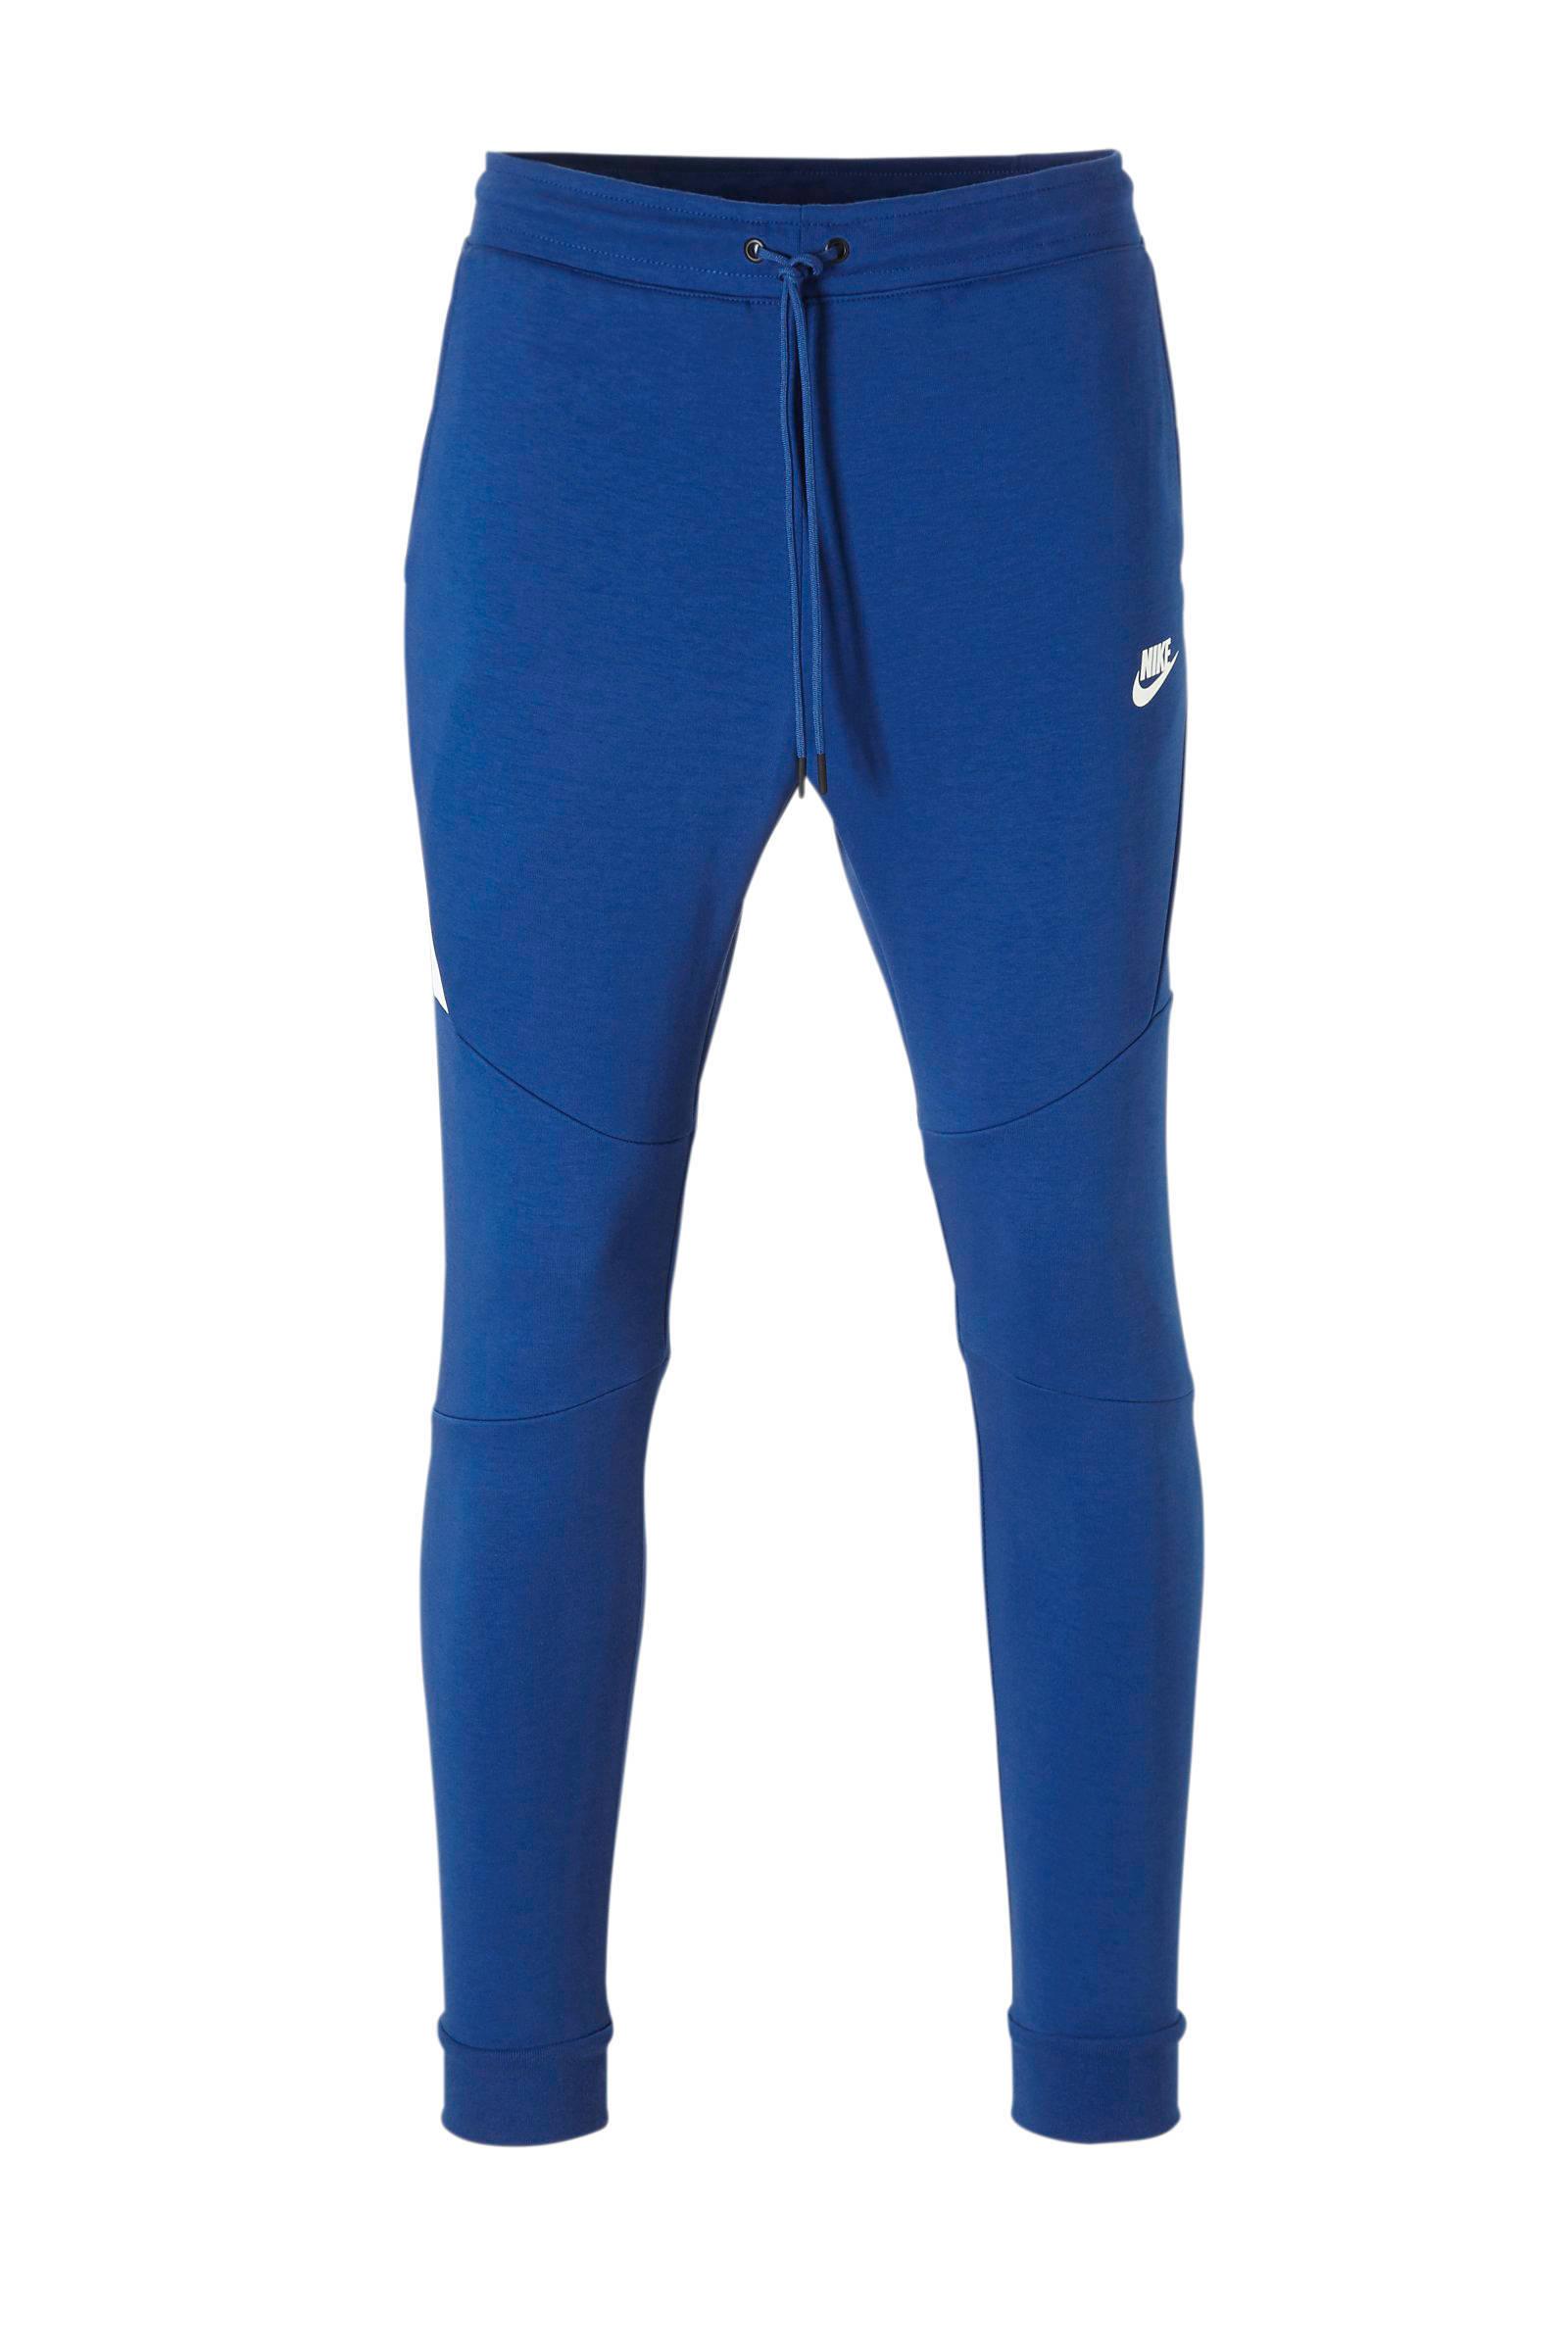 Tech Fleece slim fit joggingbroek met logo blauw